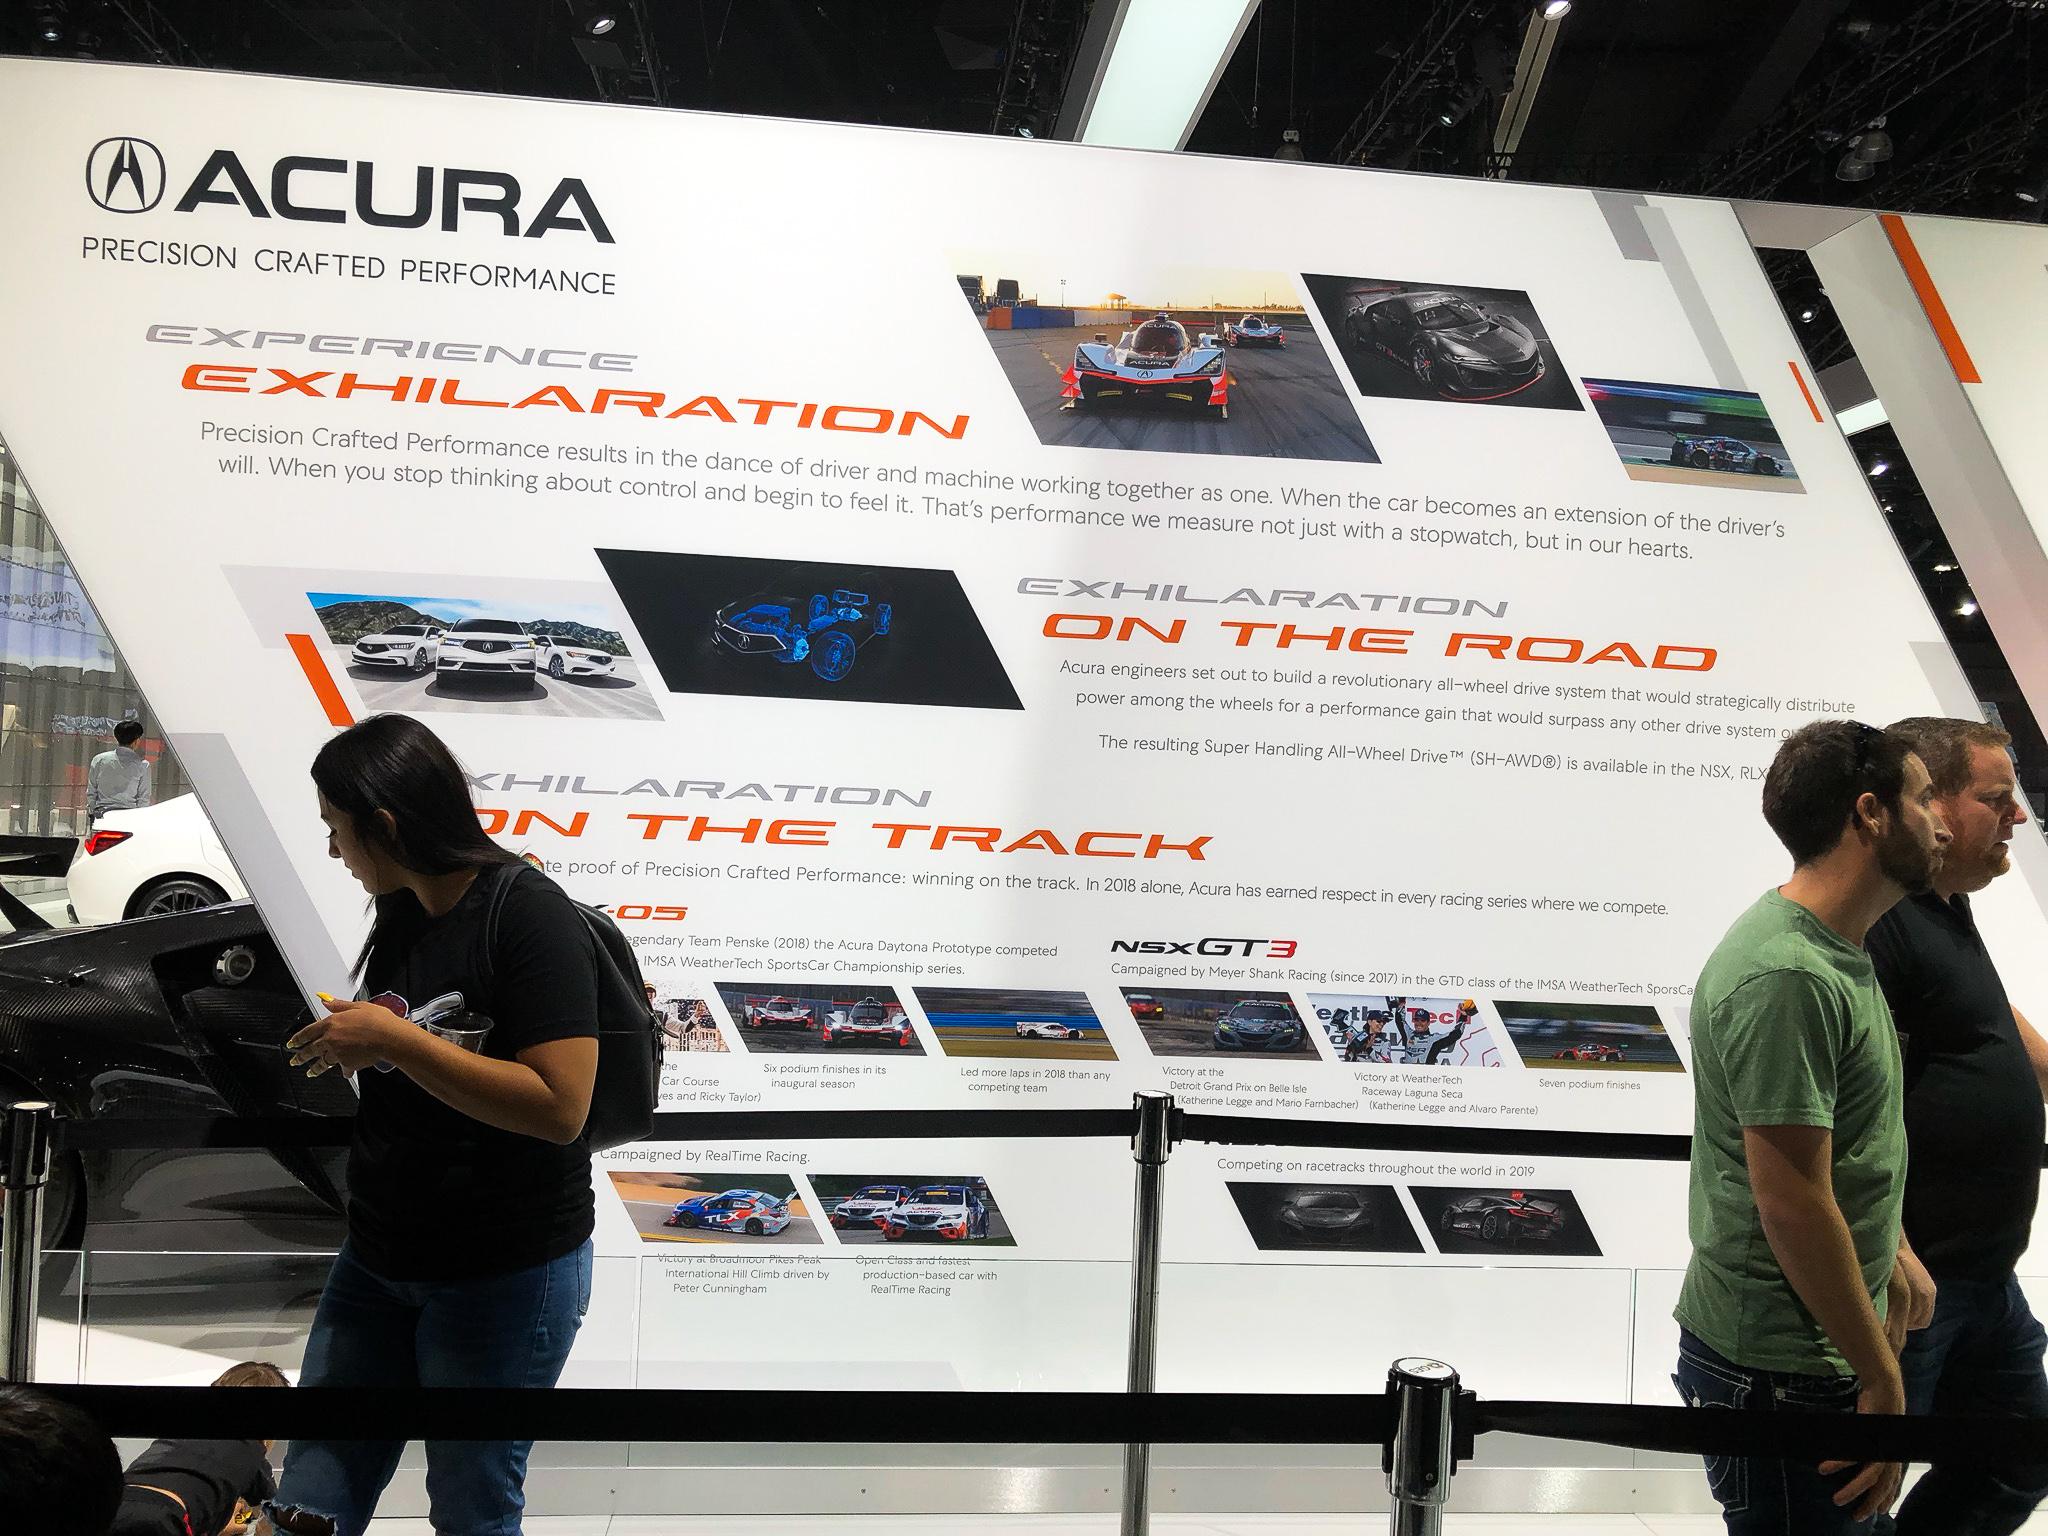 Racing Wall (exterior), LAIAS 2018, Acura + GPJ, 2018